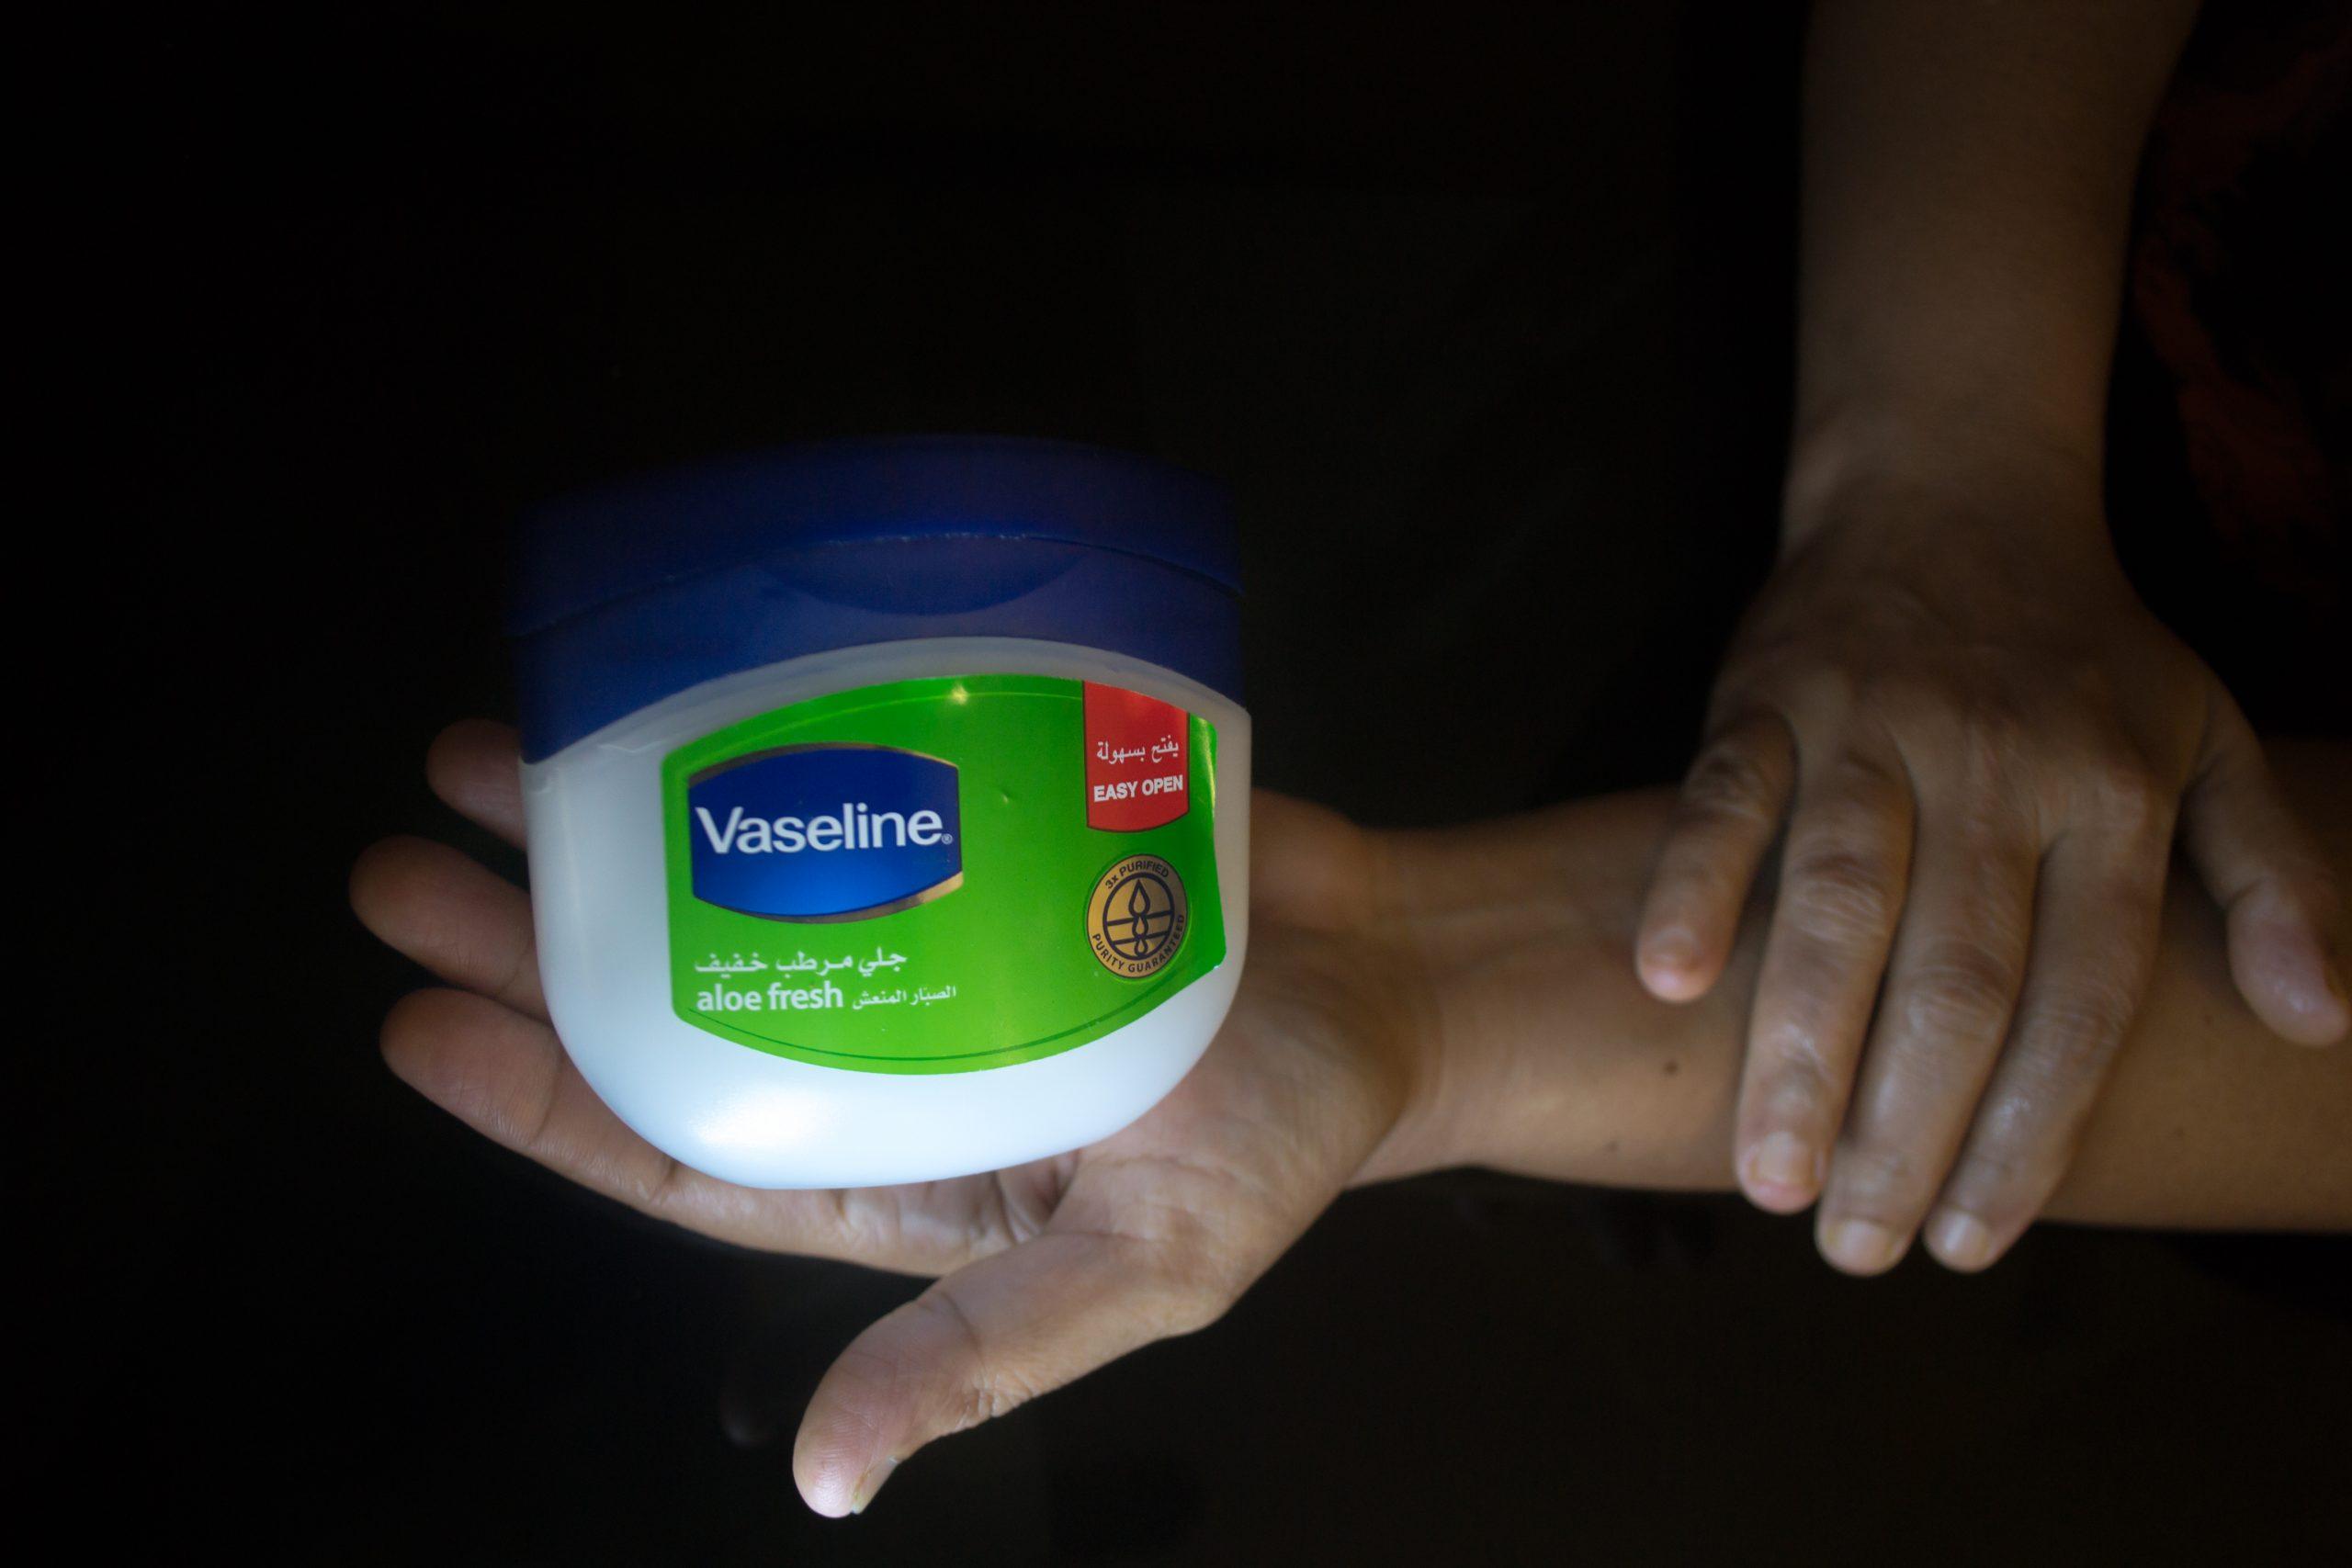 A vaseline moisturizer in hand